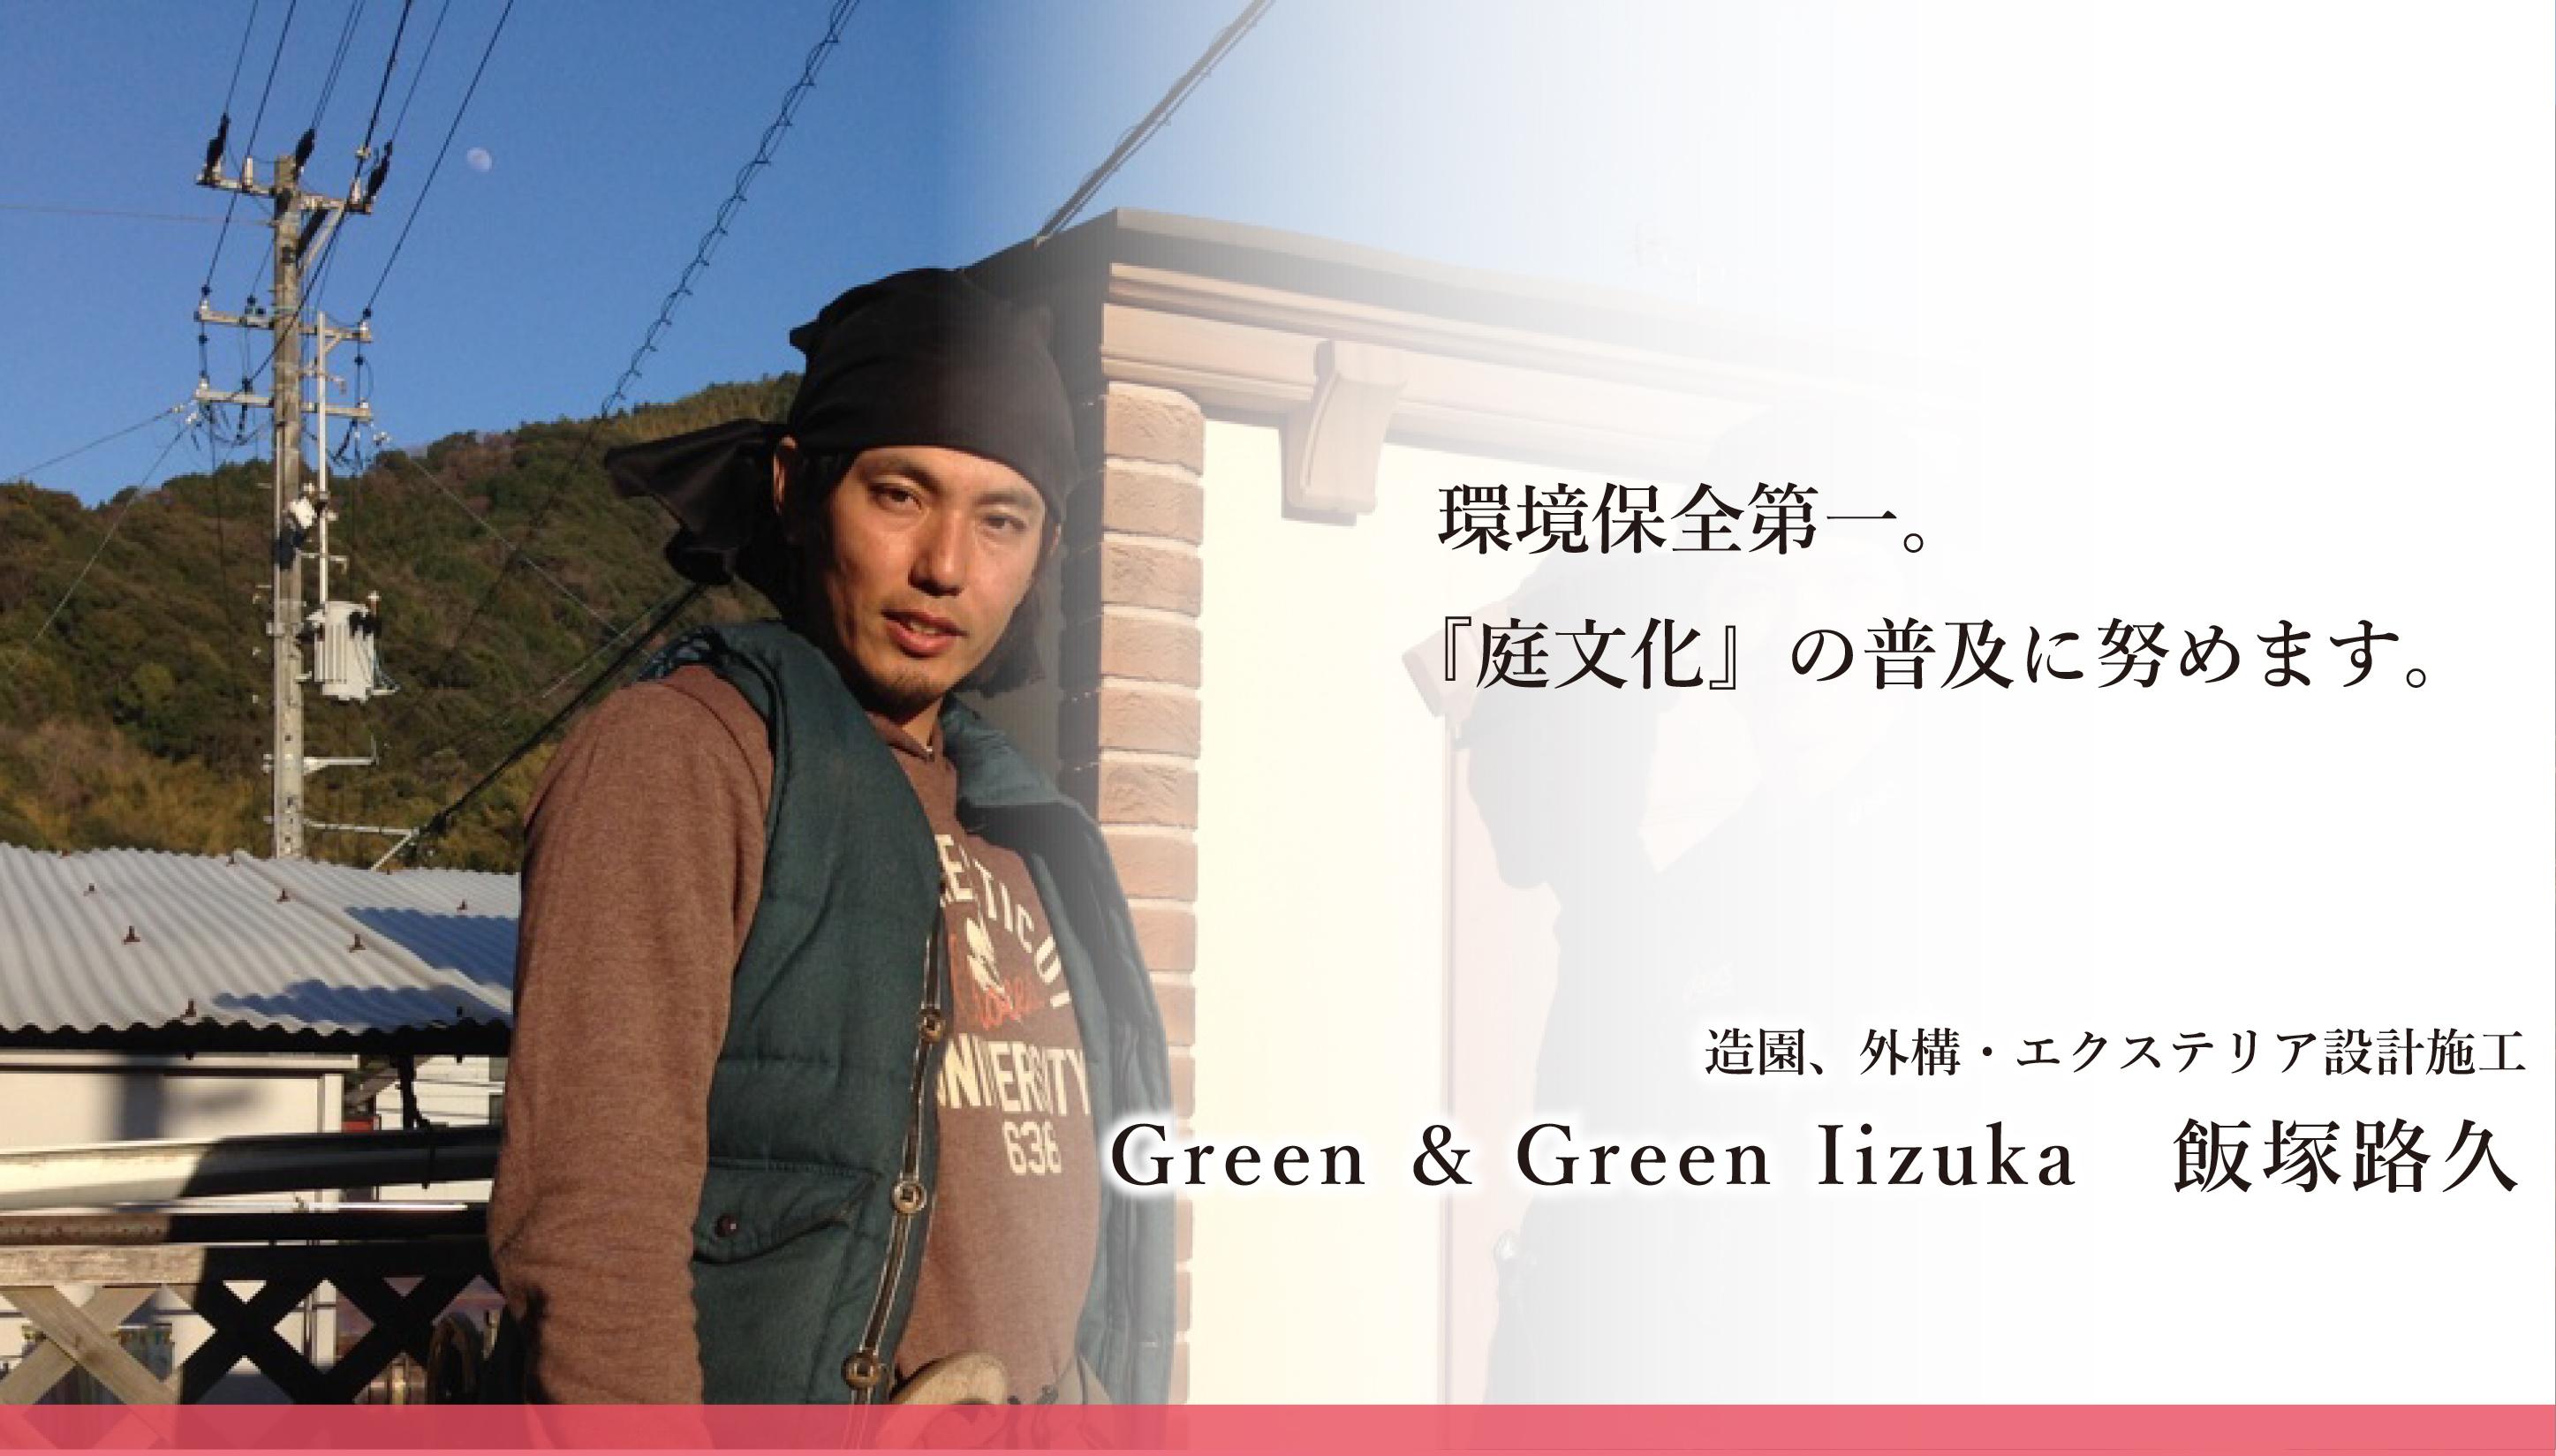 お家の外まわり トータルリフォーム【Green & Green Iizuka 飯塚造園】飯塚路久